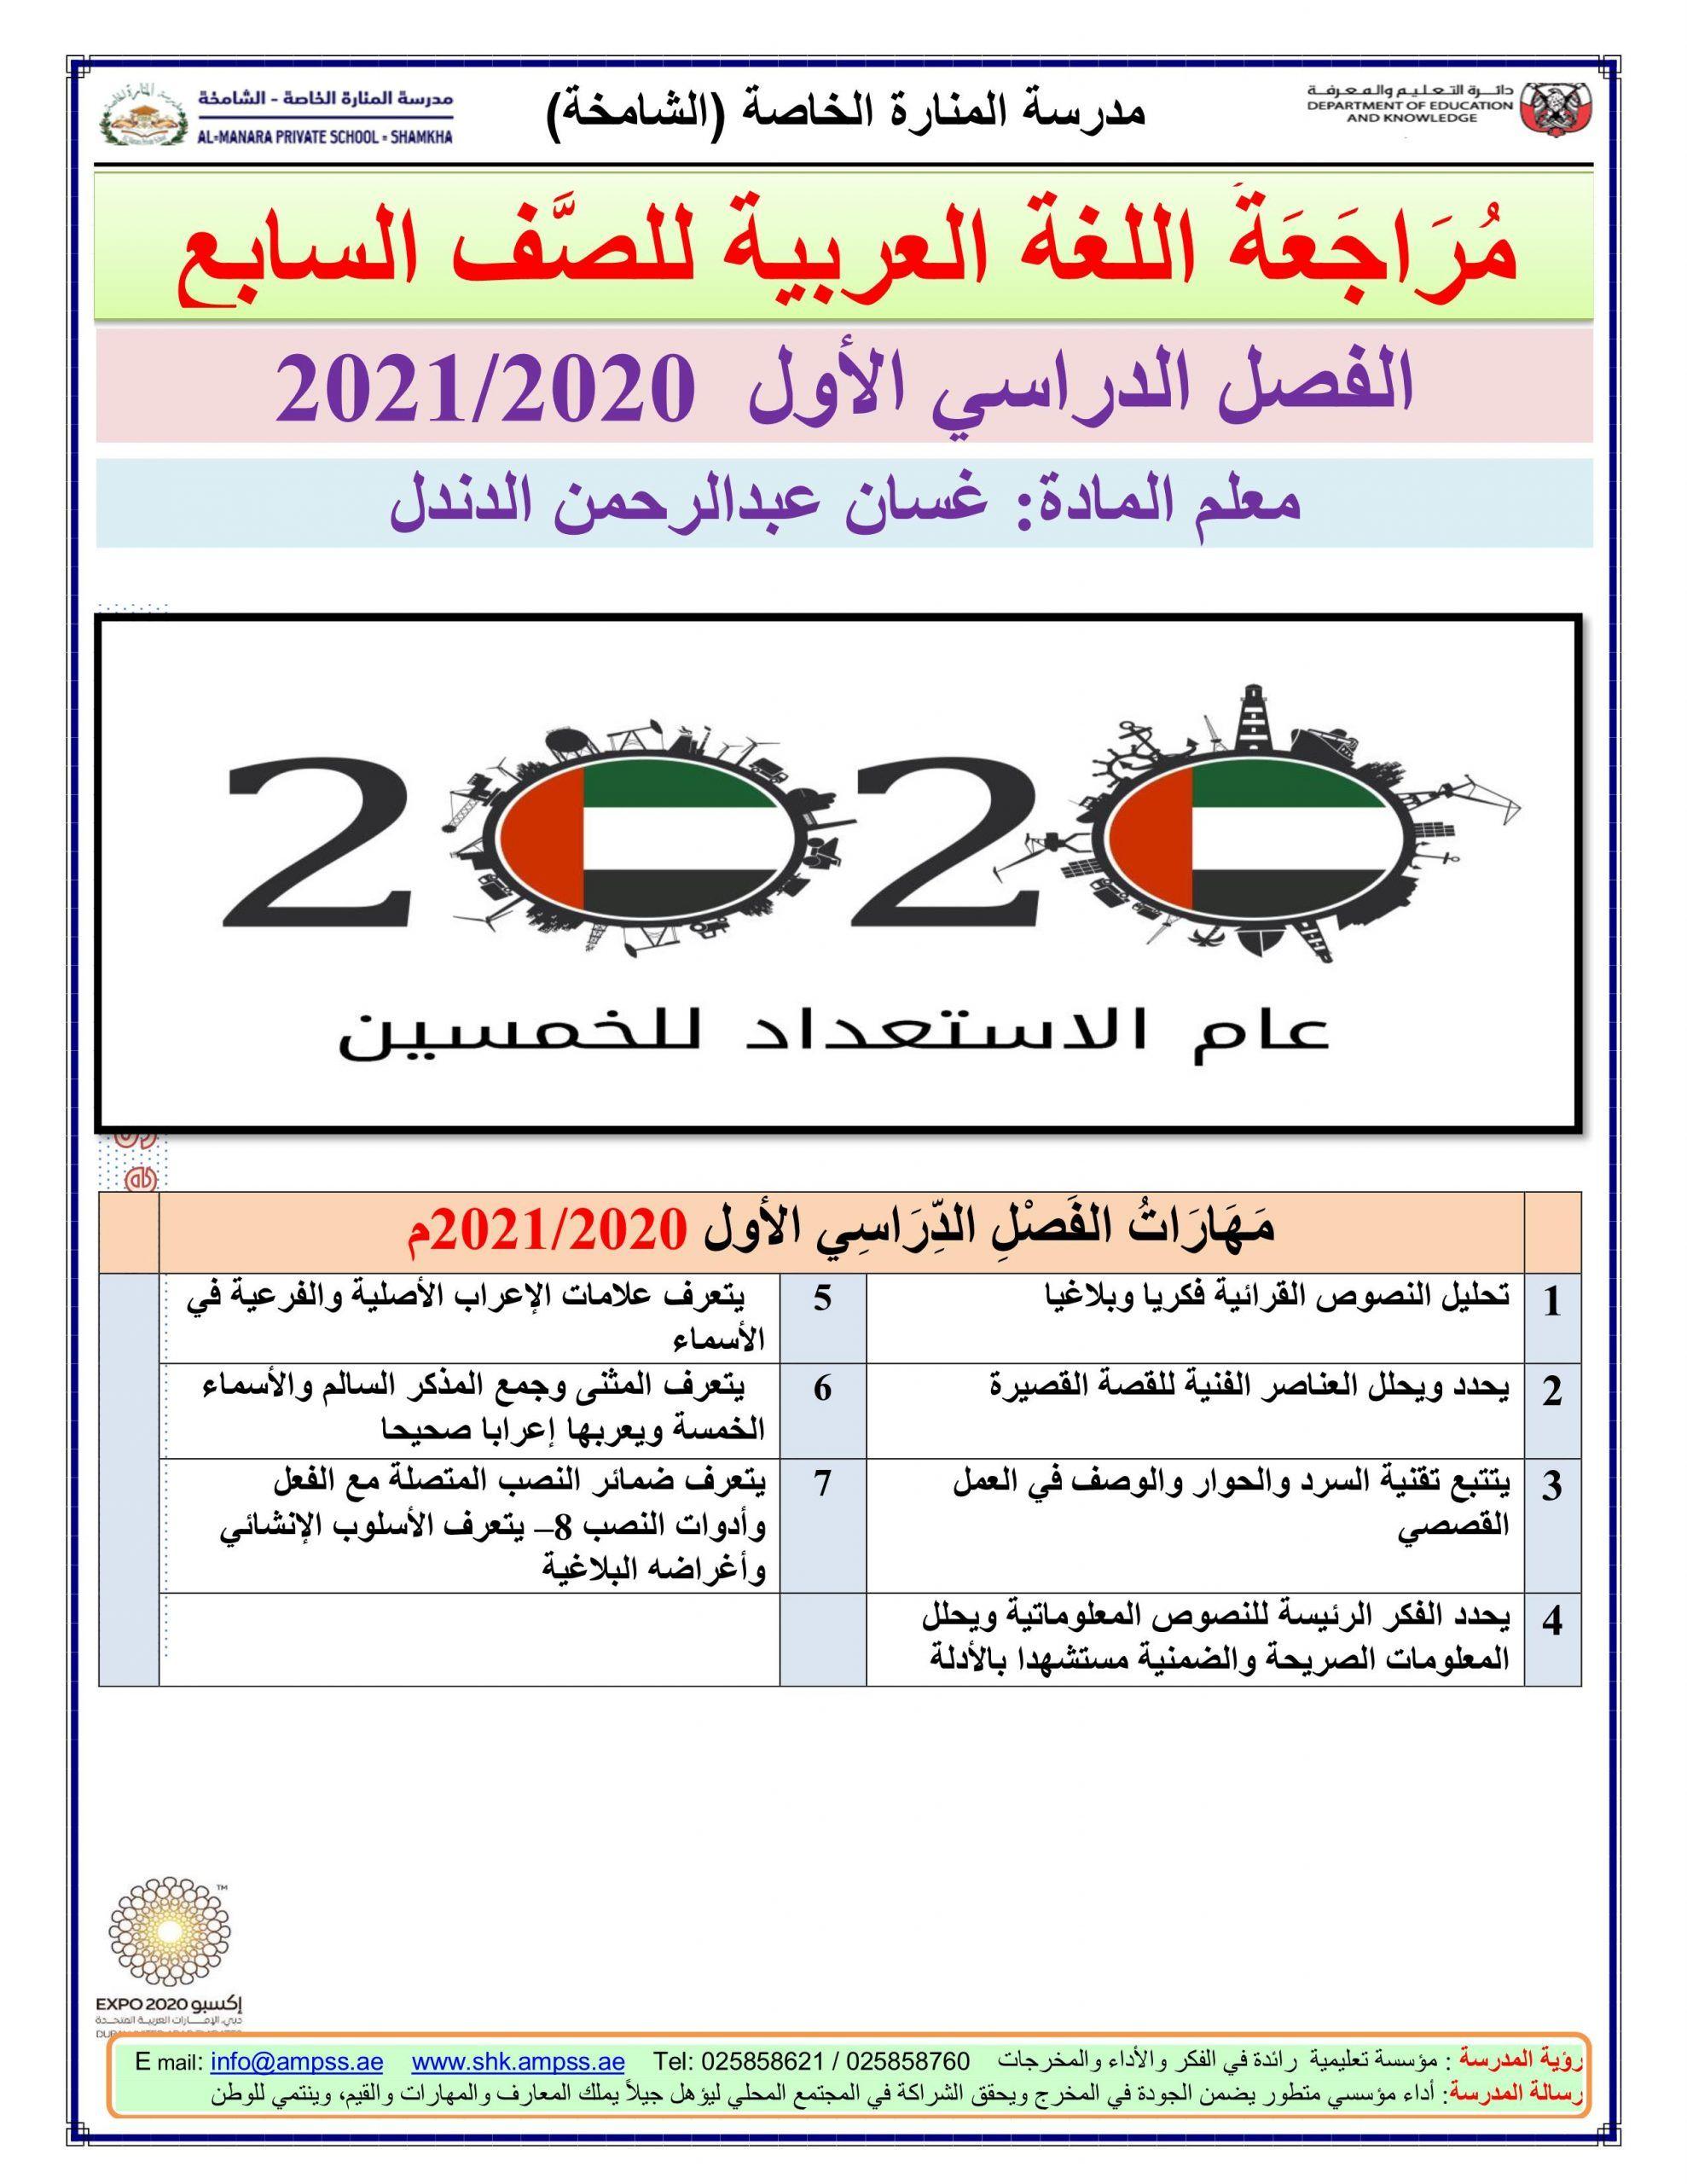 اوراق عمل متنوعة مراجعة عامة الصف السابع مادة اللغة العربية Bullet Journal Journal